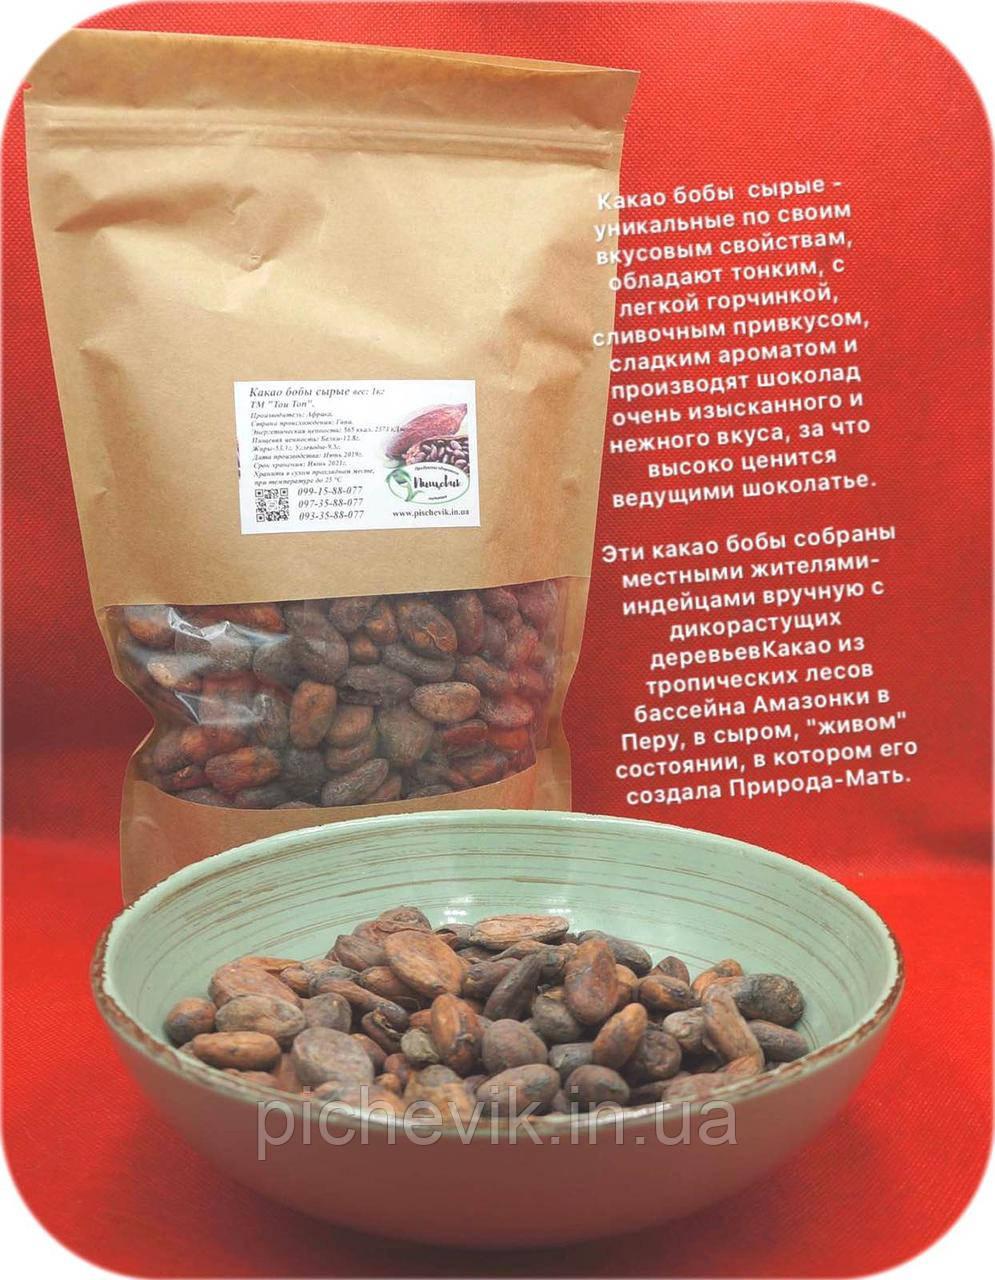 Бобы какао сырые TM TouTon (Гана) вес:500грамм.